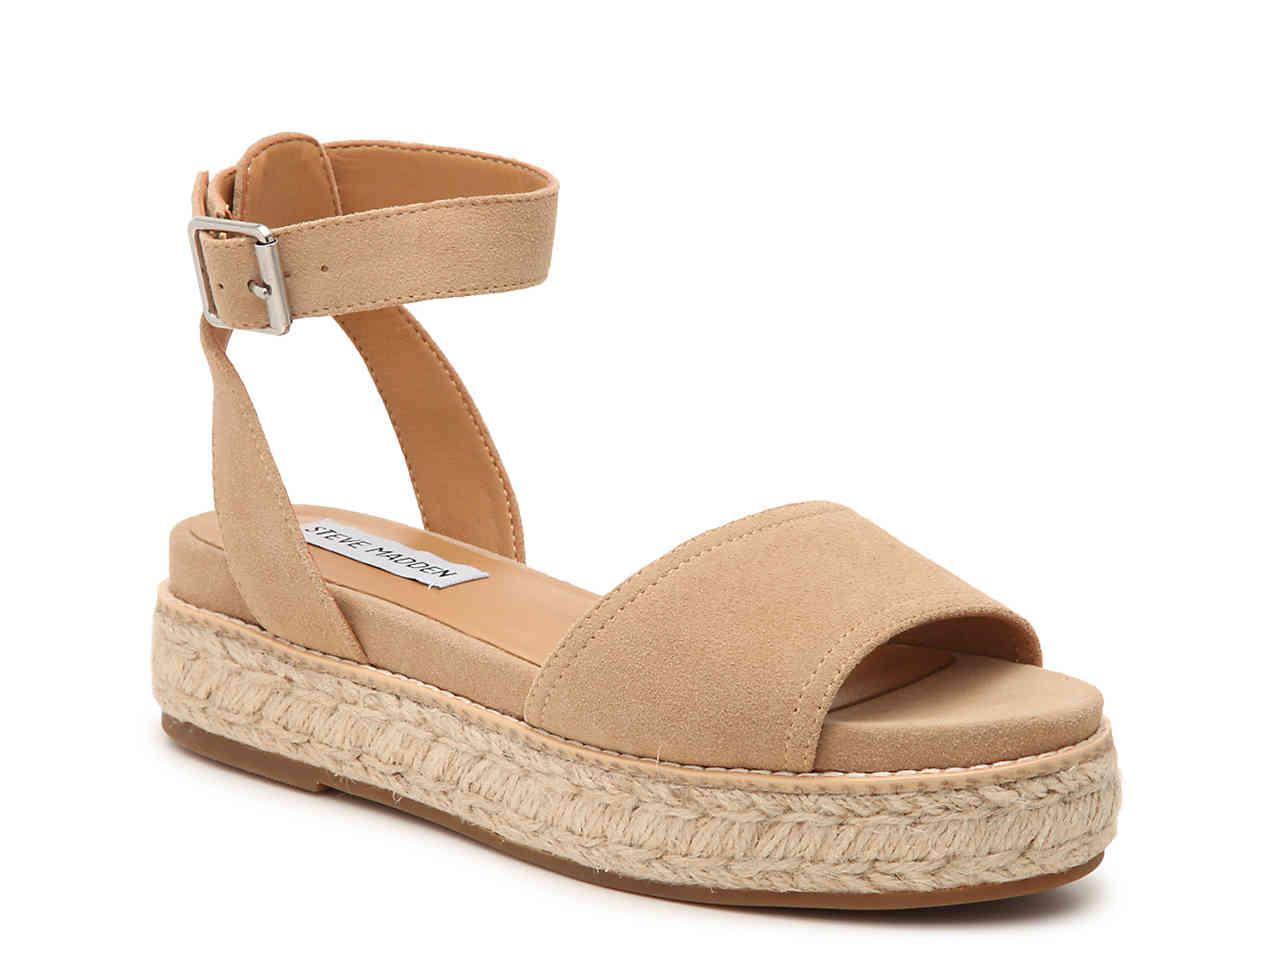 716db236219 Women's Natural Gabi Espadrille Platform Sandal